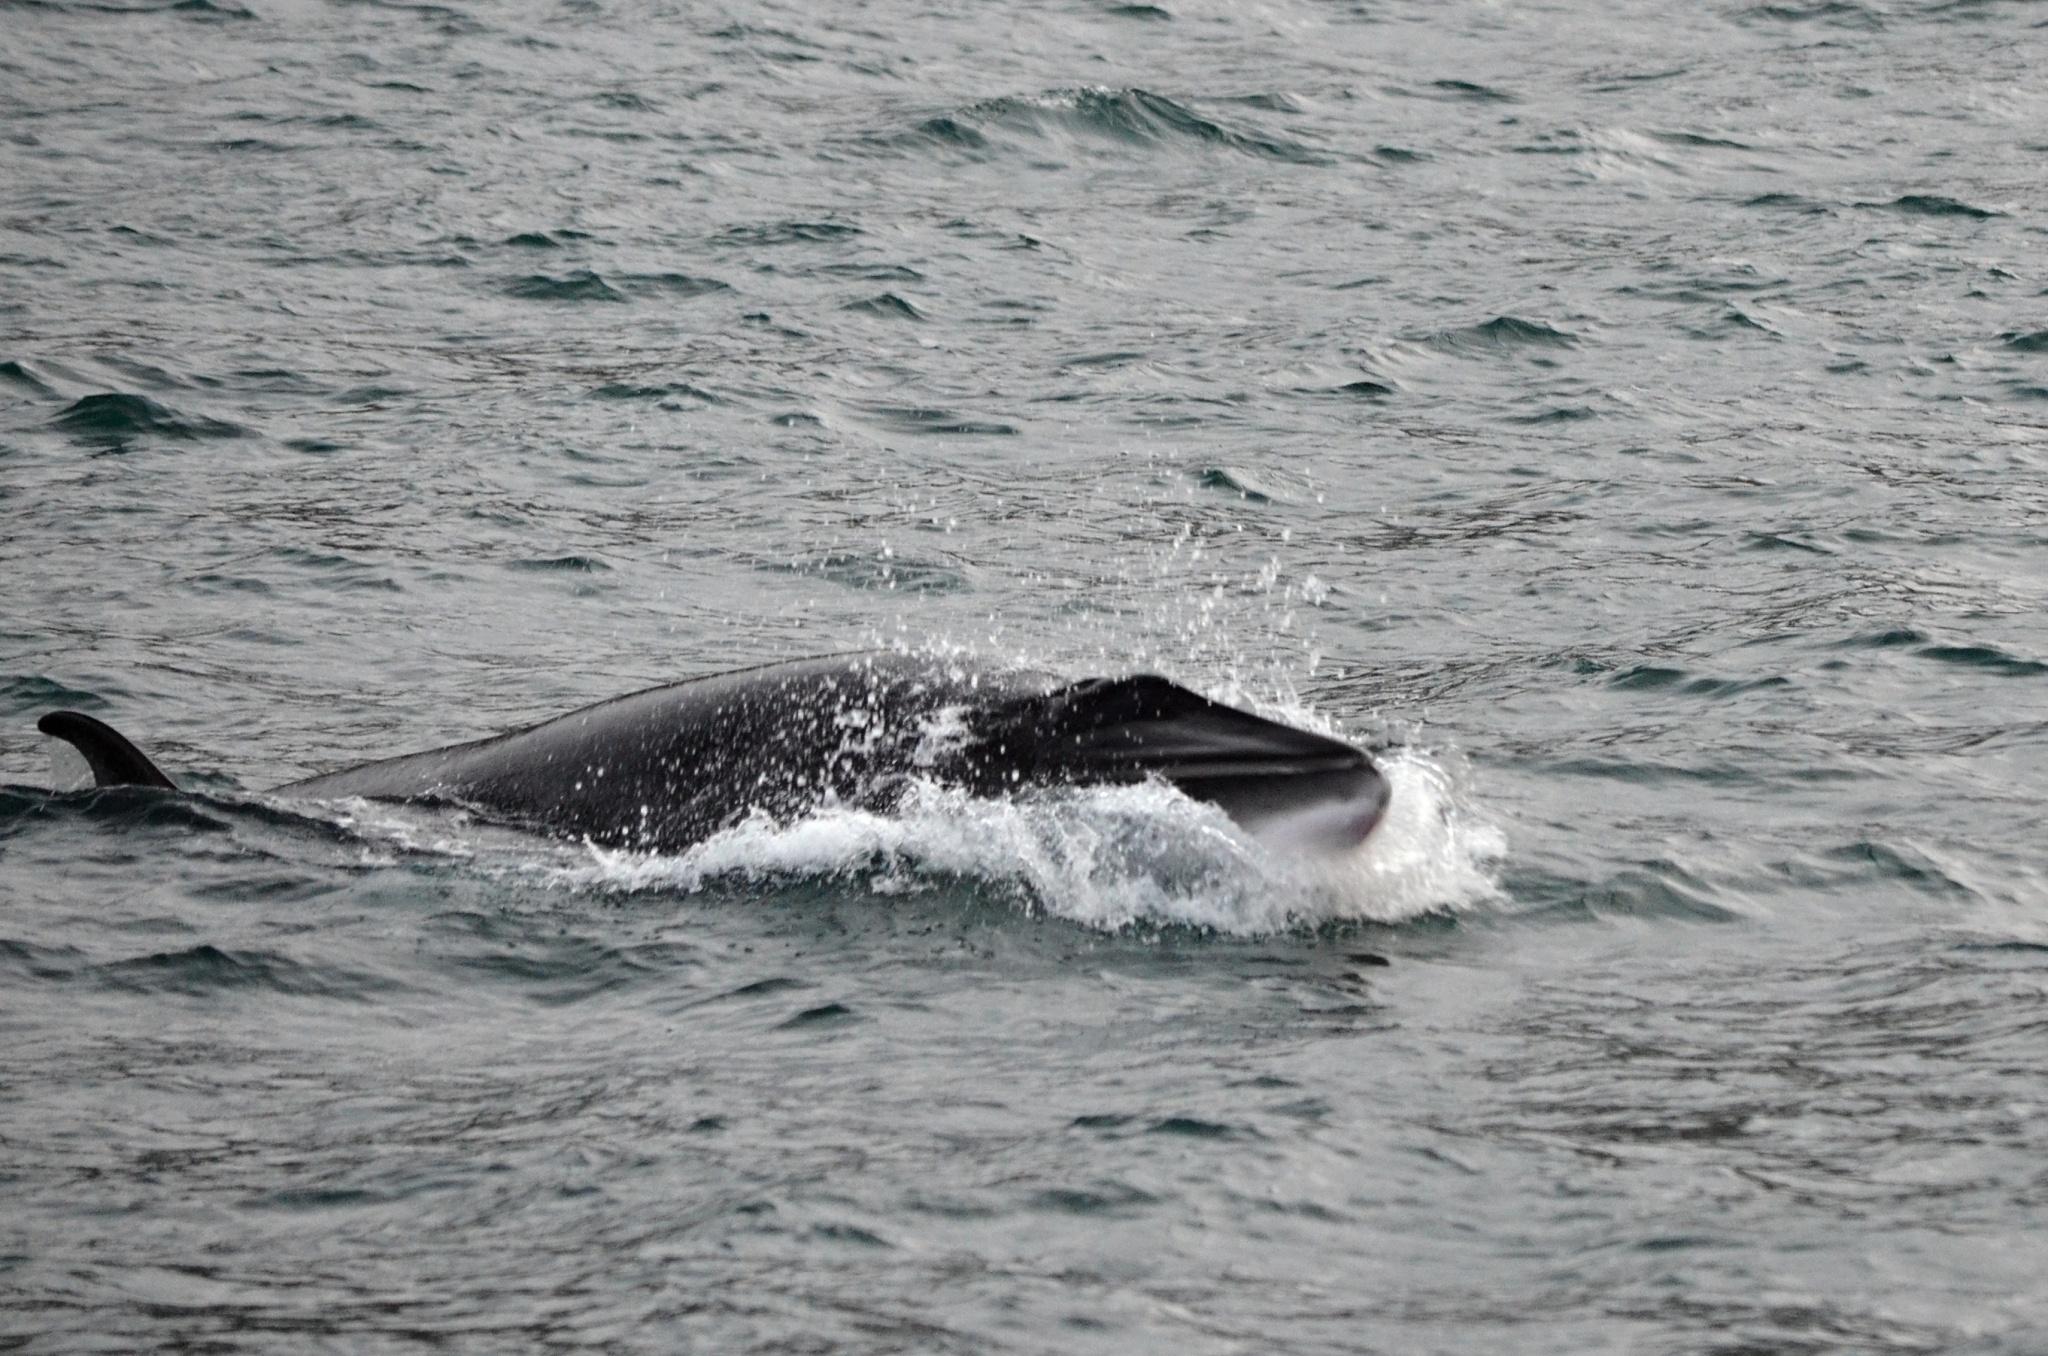 Snad jediný případ, kdy se nám velryba ukázala i s hlavou.